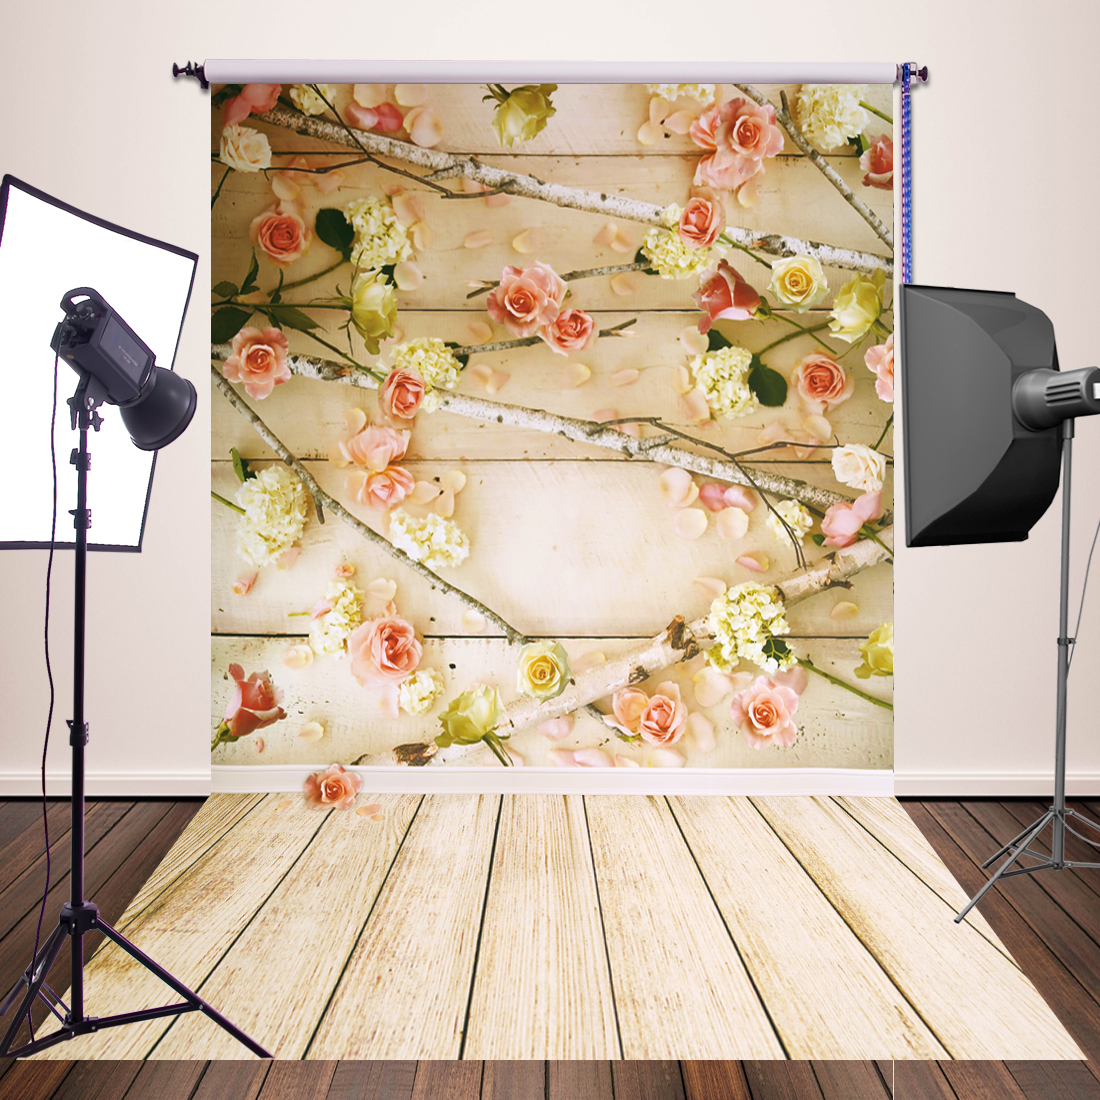 выбор фон для фотосессии в домашних условиях своими пикабу запостили кадры